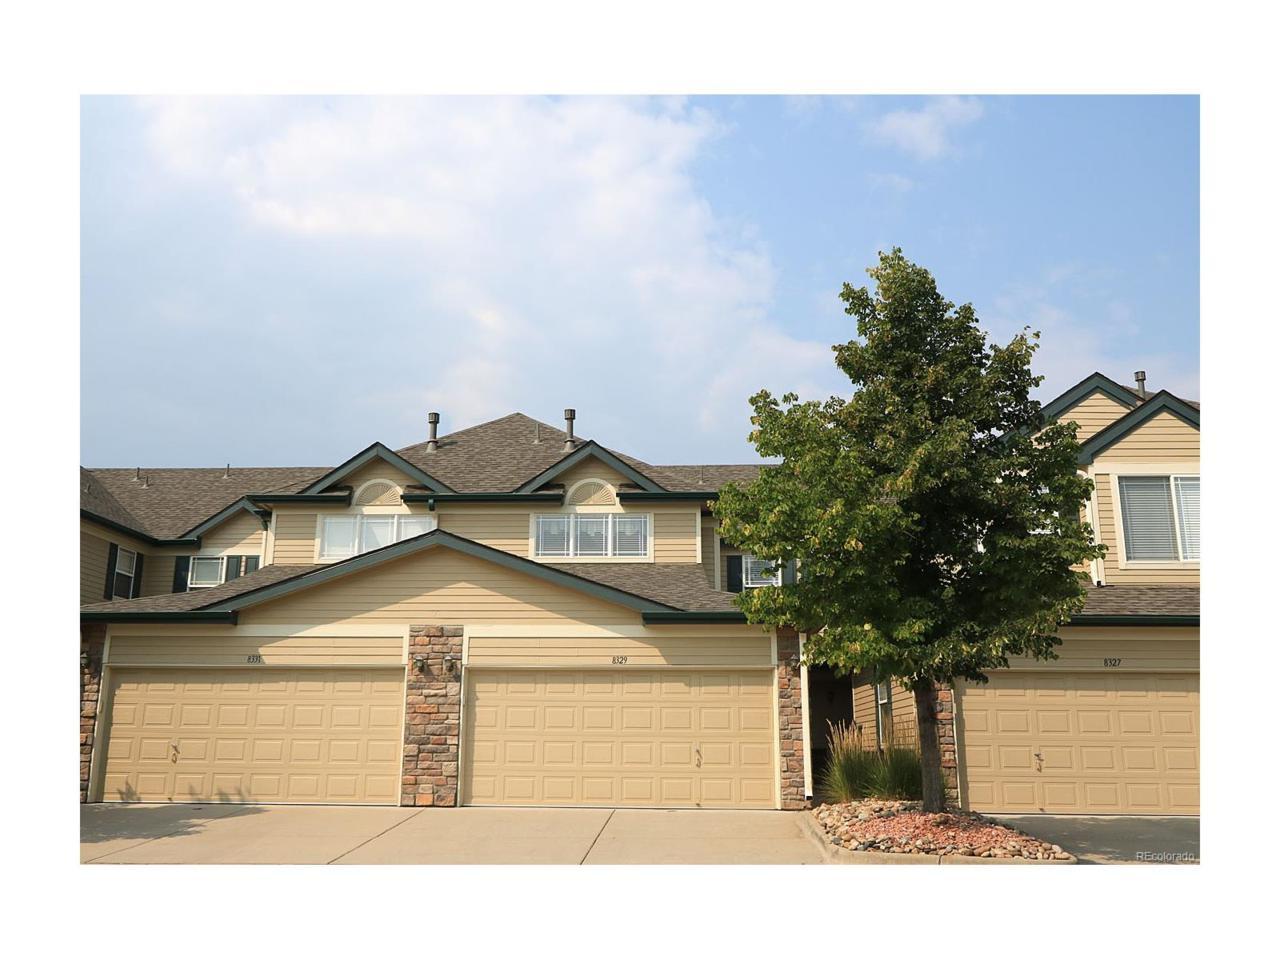 8329 S Garland Circle, Littleton, CO 80128 (MLS #6376019) :: 8z Real Estate